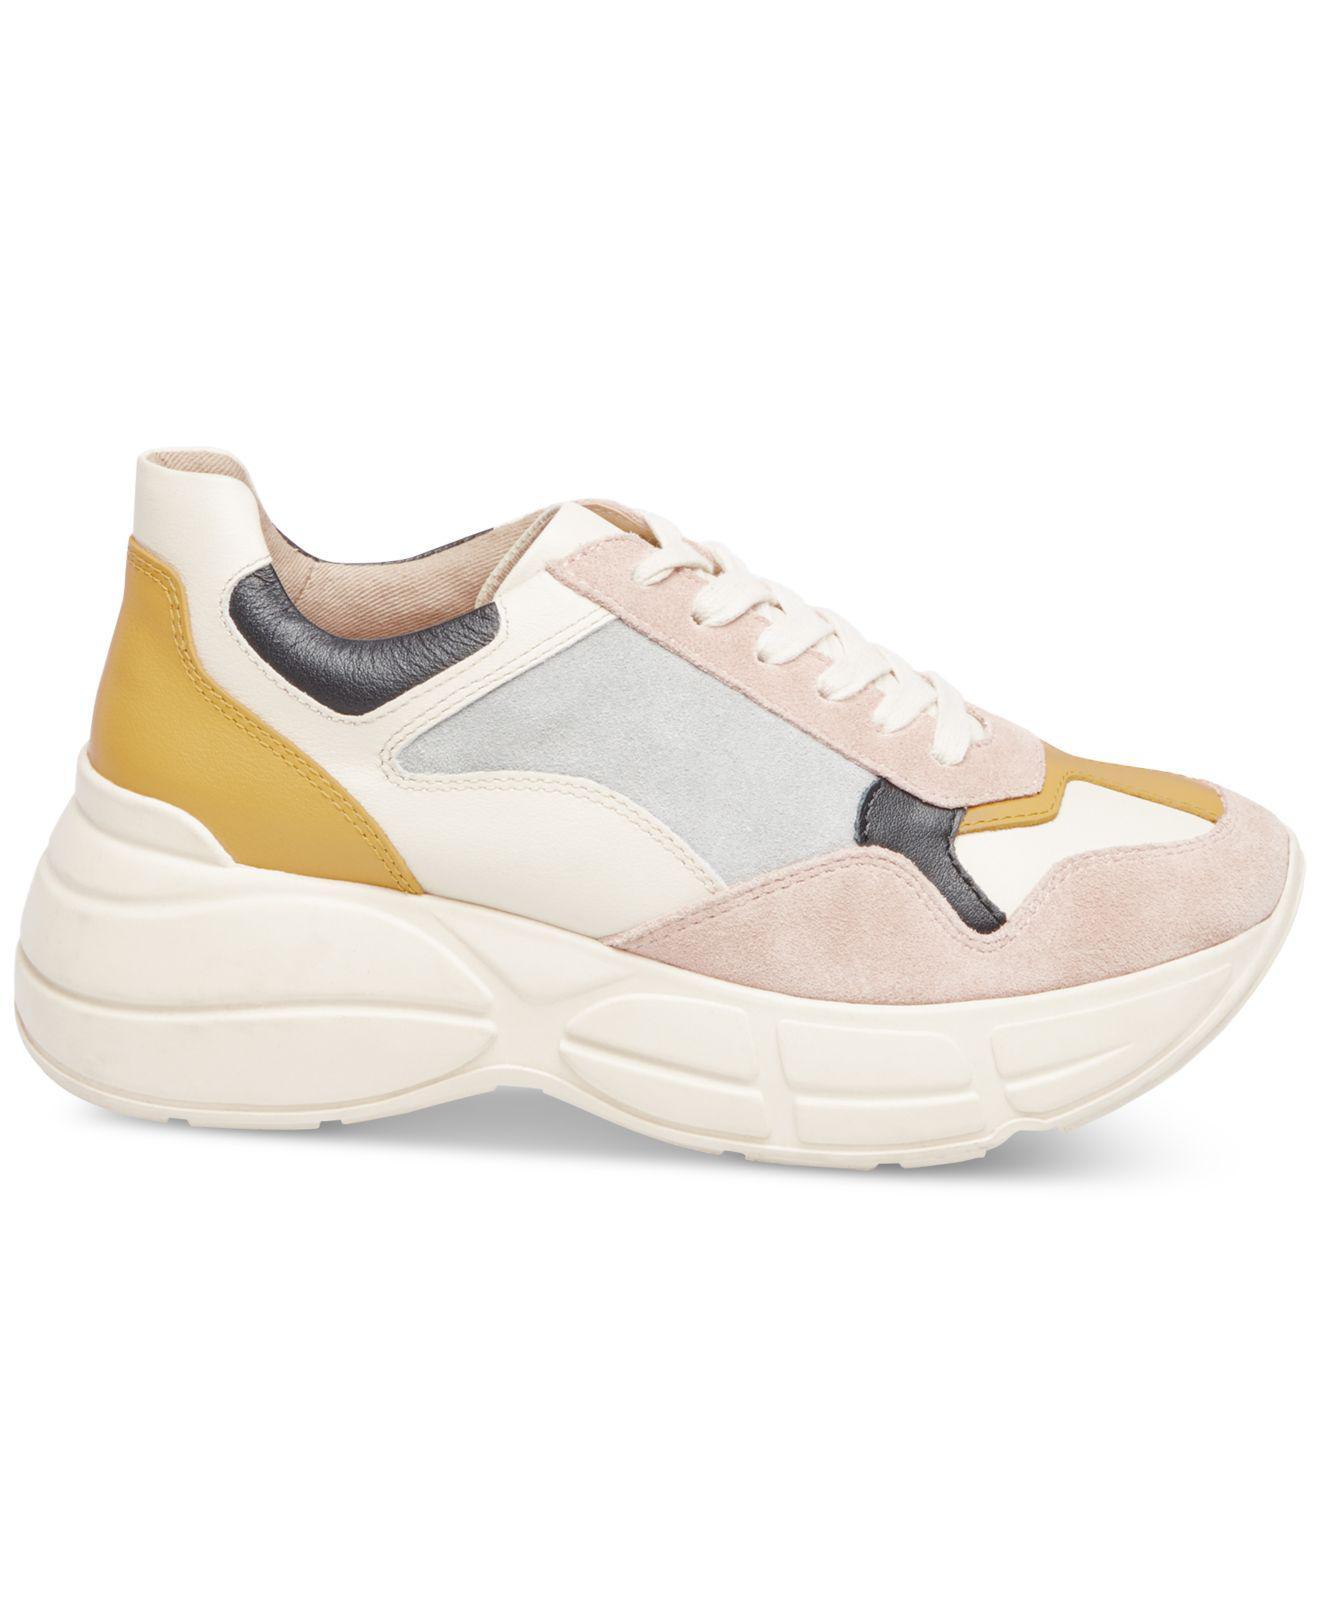 068e6fc7b16 Lyst - Steve Madden Memory Chunky Sneakers